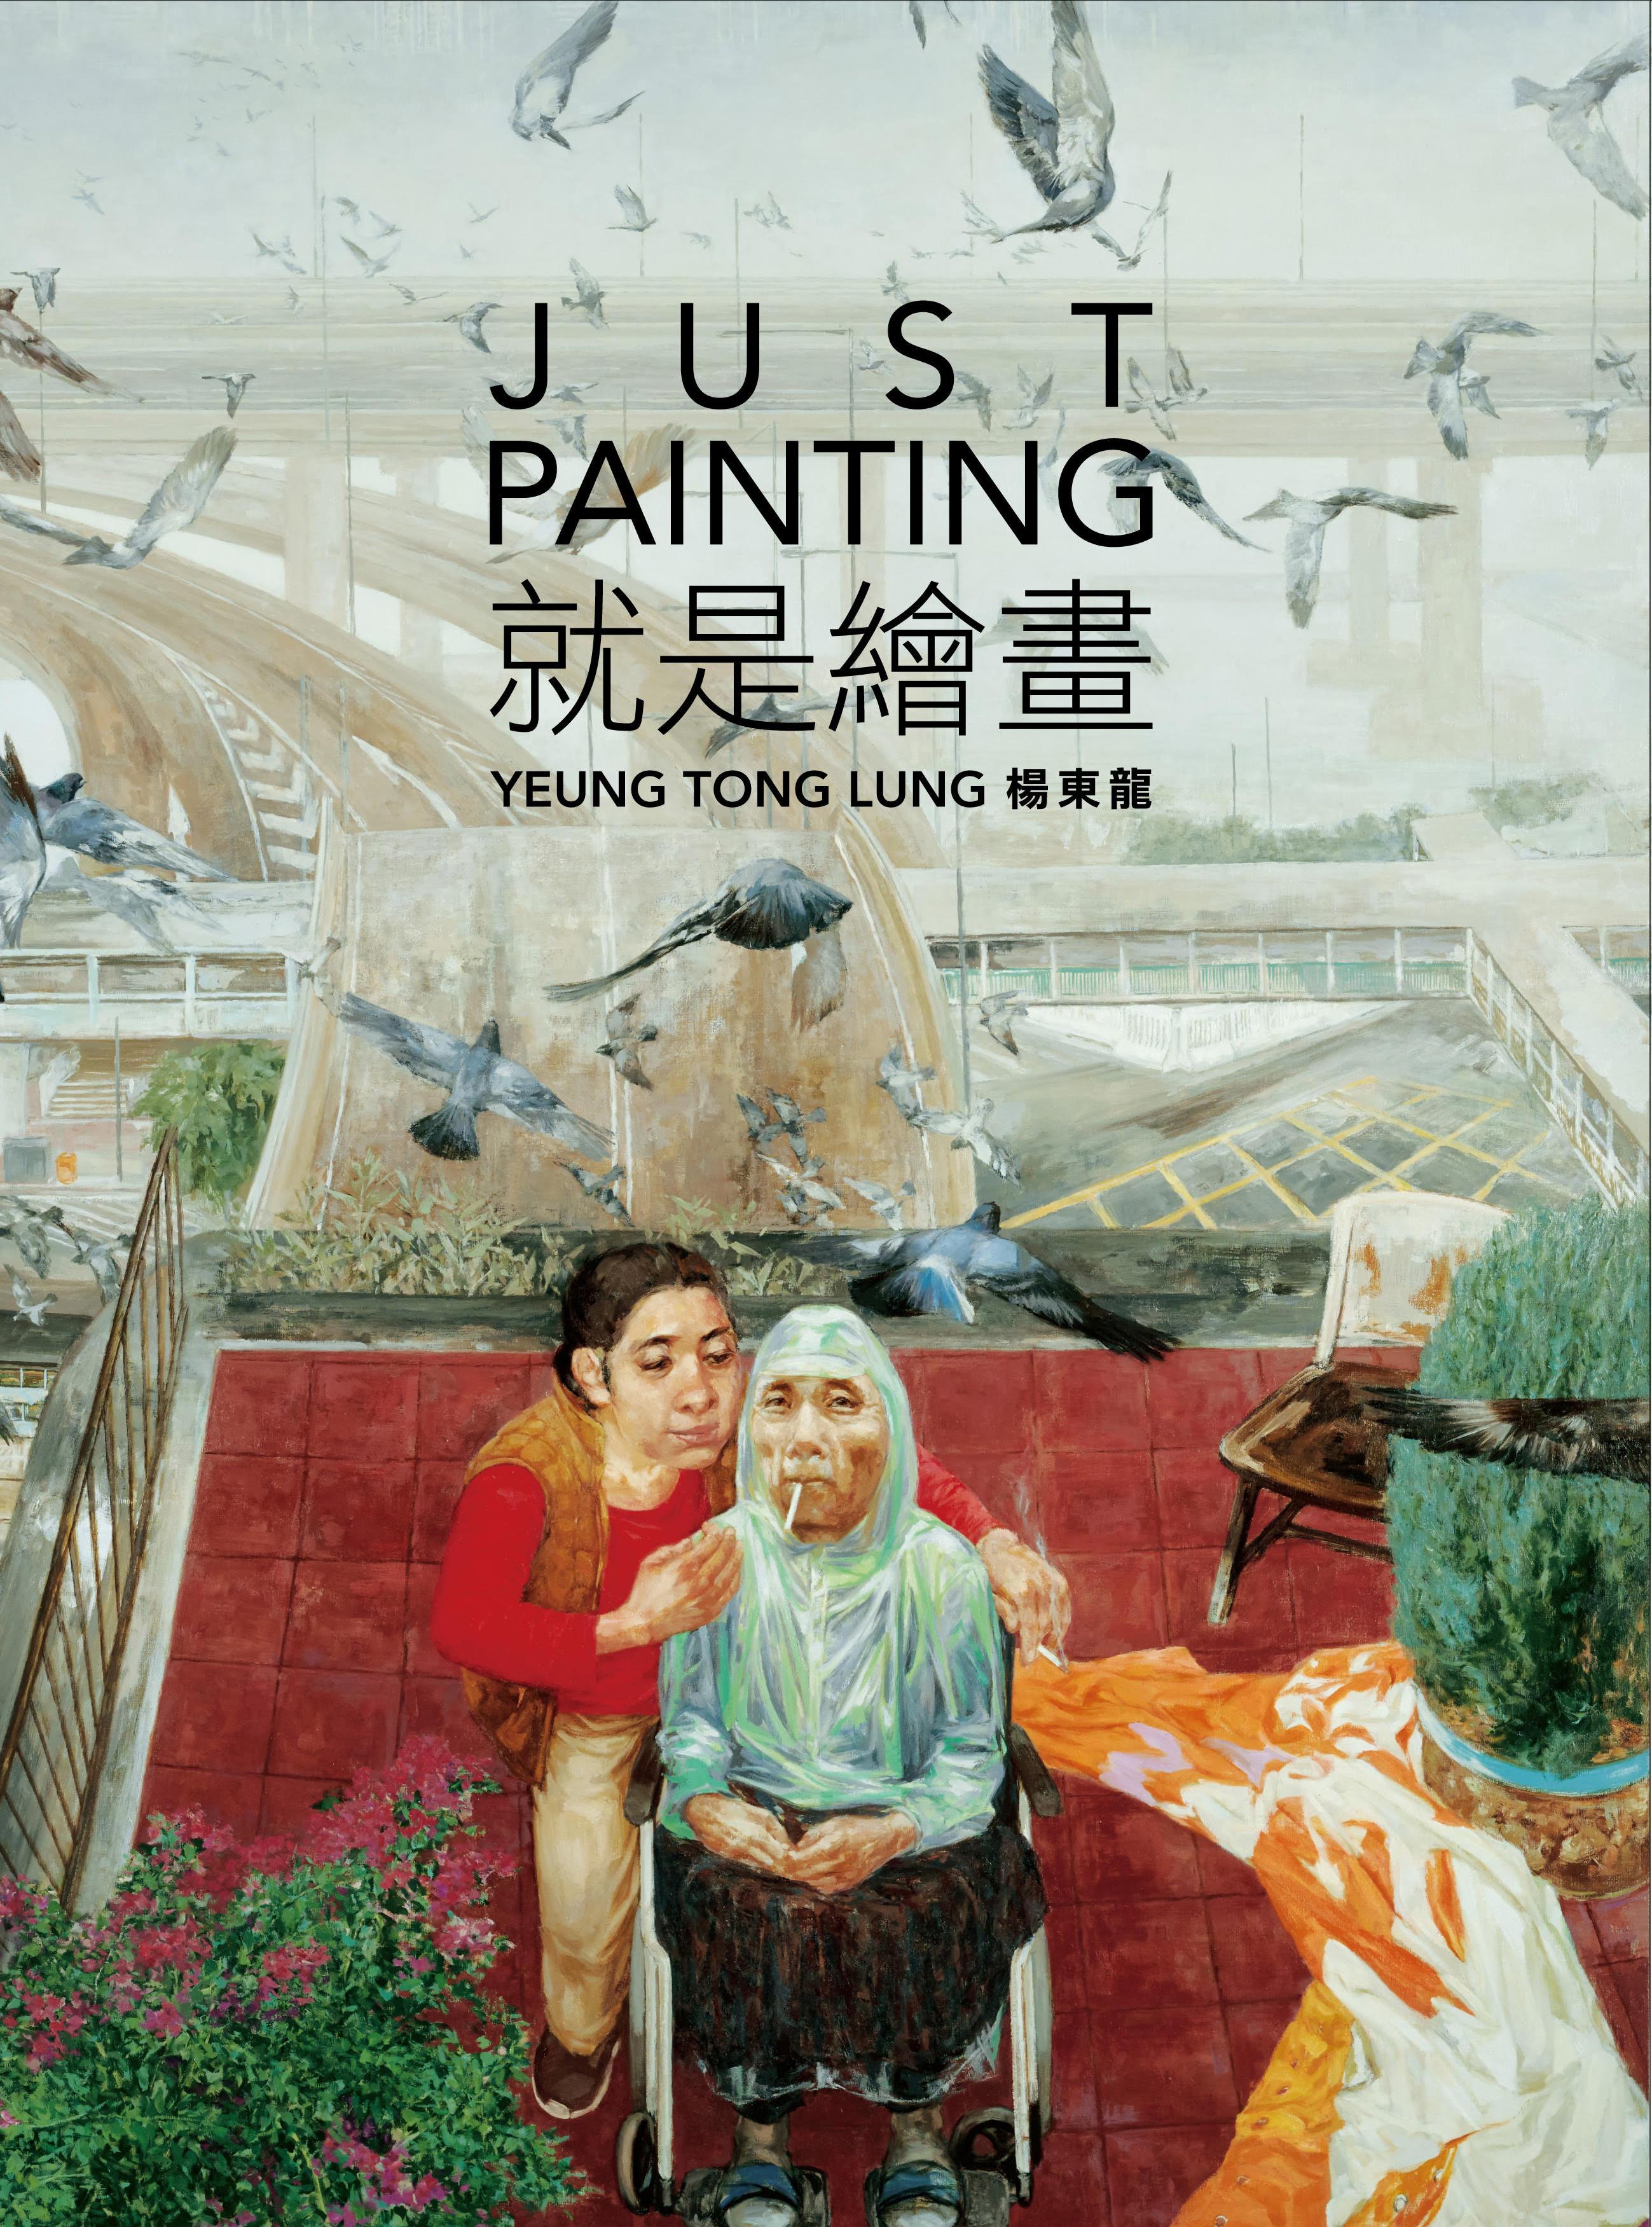 《楊東龍:就是繪畫》